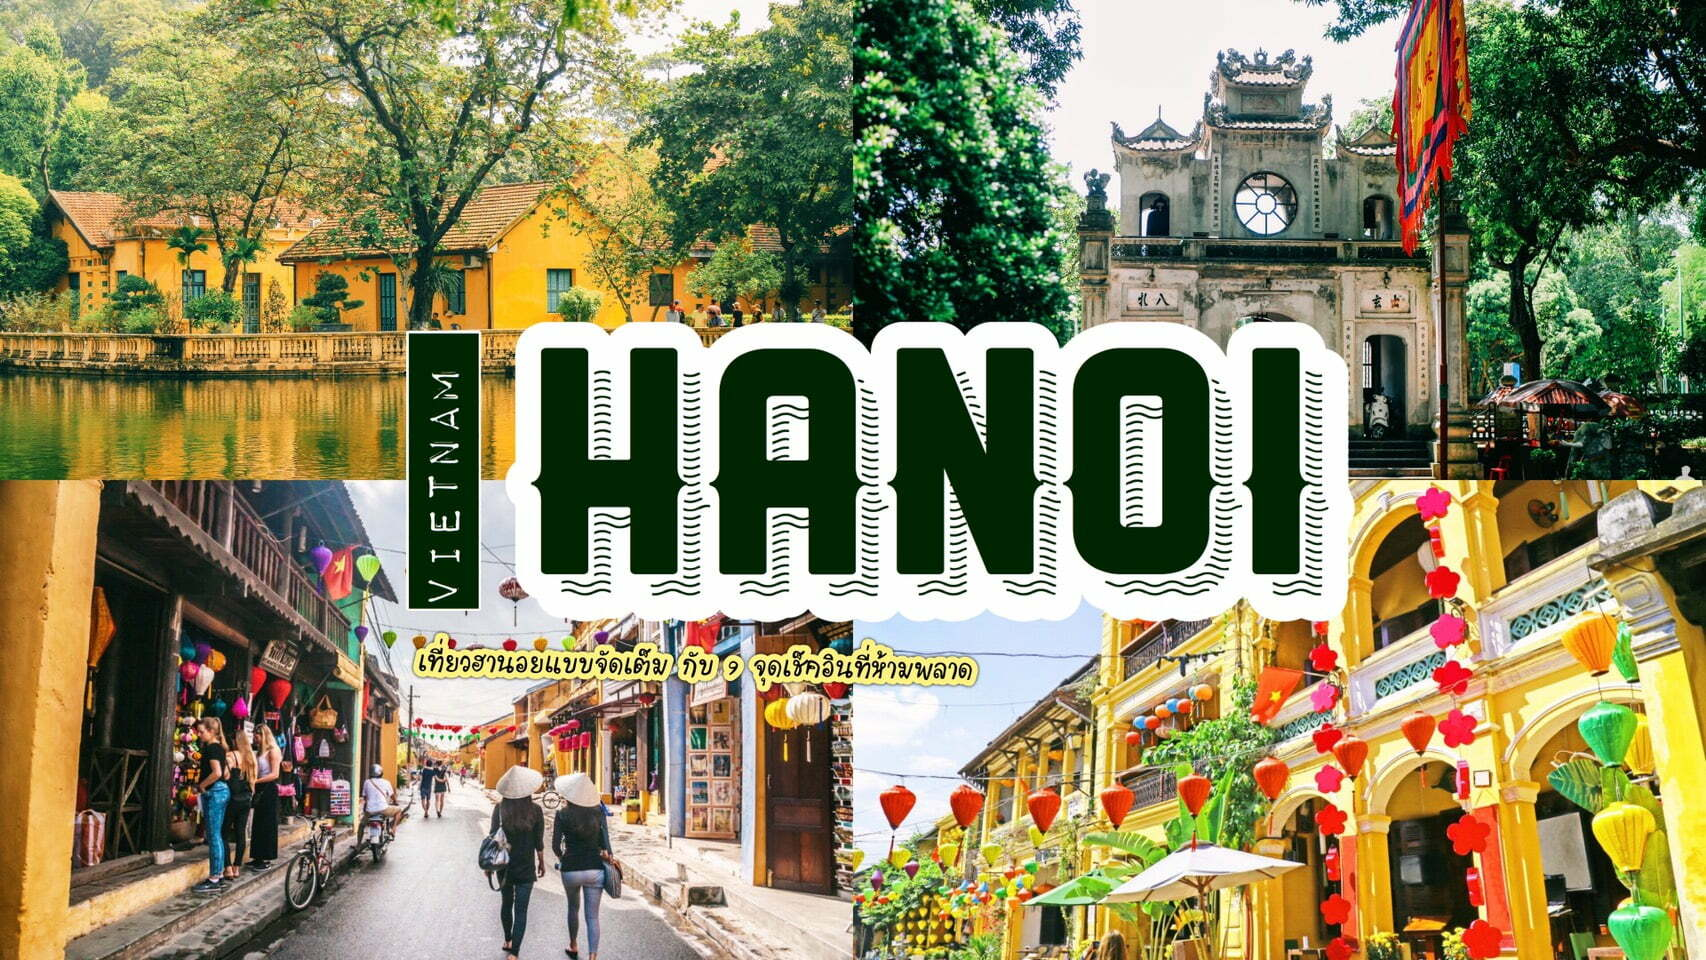 ทัวร์เวียดนาม – ชวนไปเมืองหลวงของเวียดนาม เที่ยวฮานอยจัดเต็ม กับ 9 จุดเช็คอิน ที่ห้ามพลาด